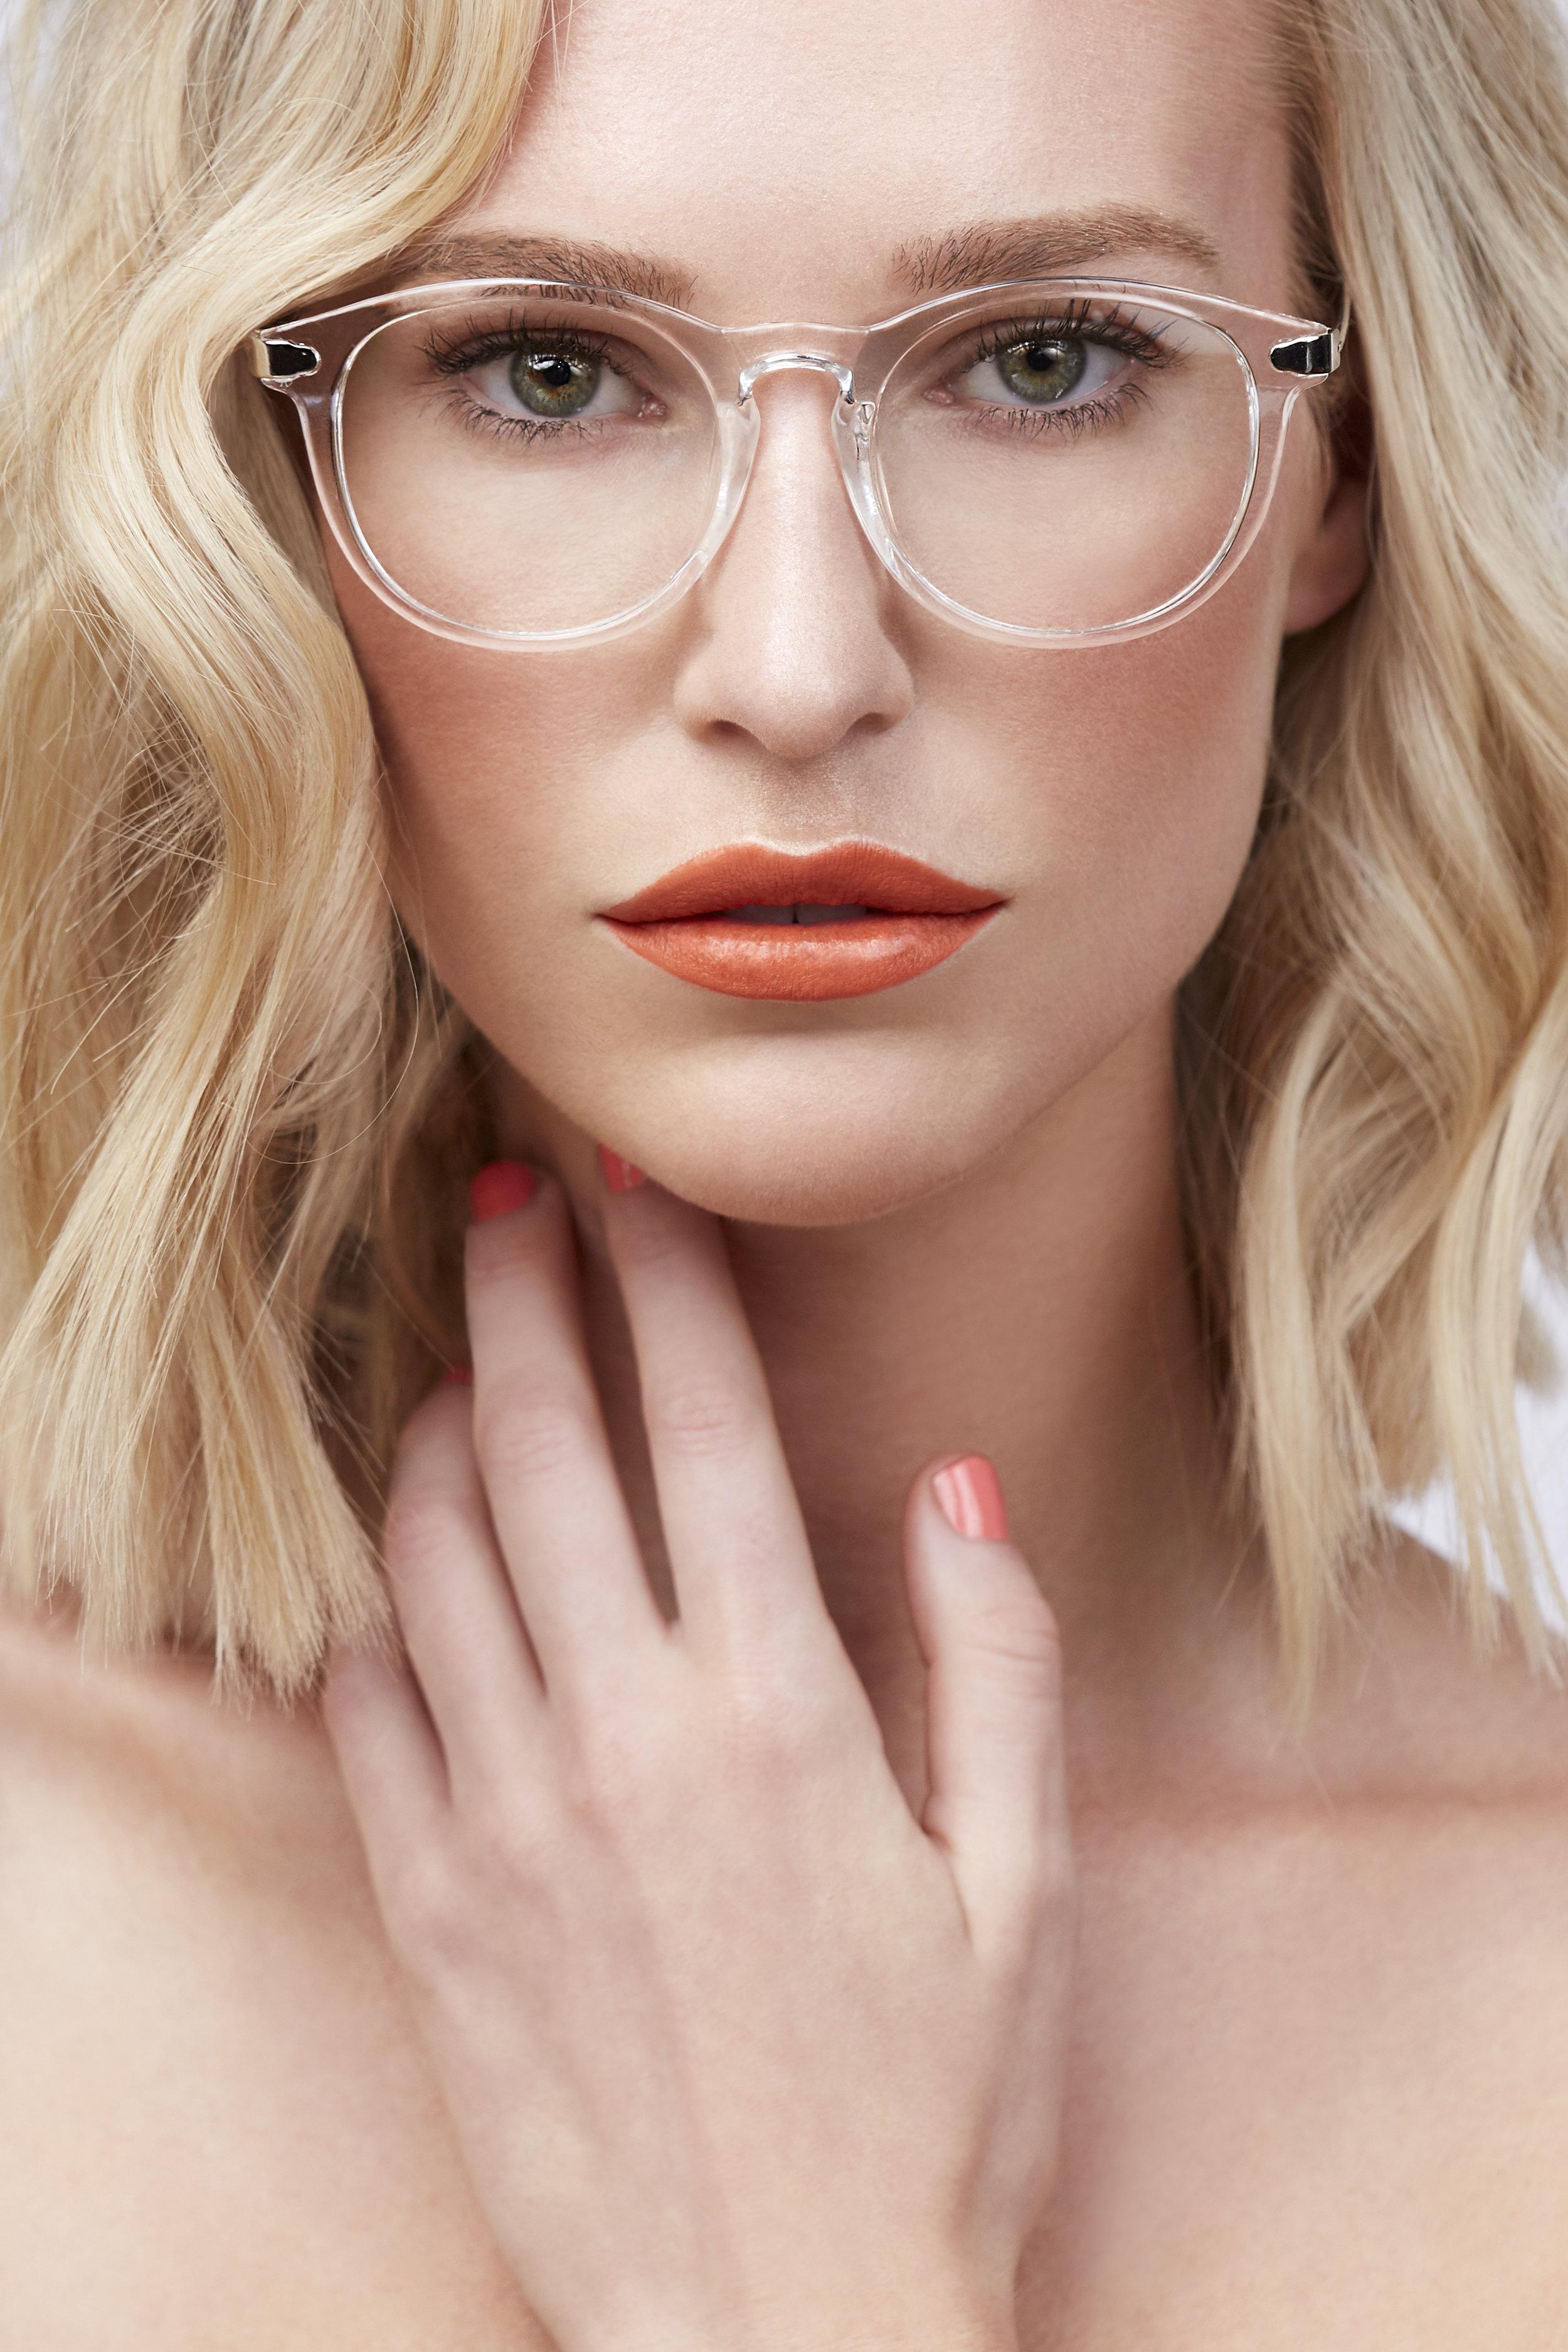 Bethany_Johnson_Editorial_Beauty_Make_Up_Bold_Lip.jpg